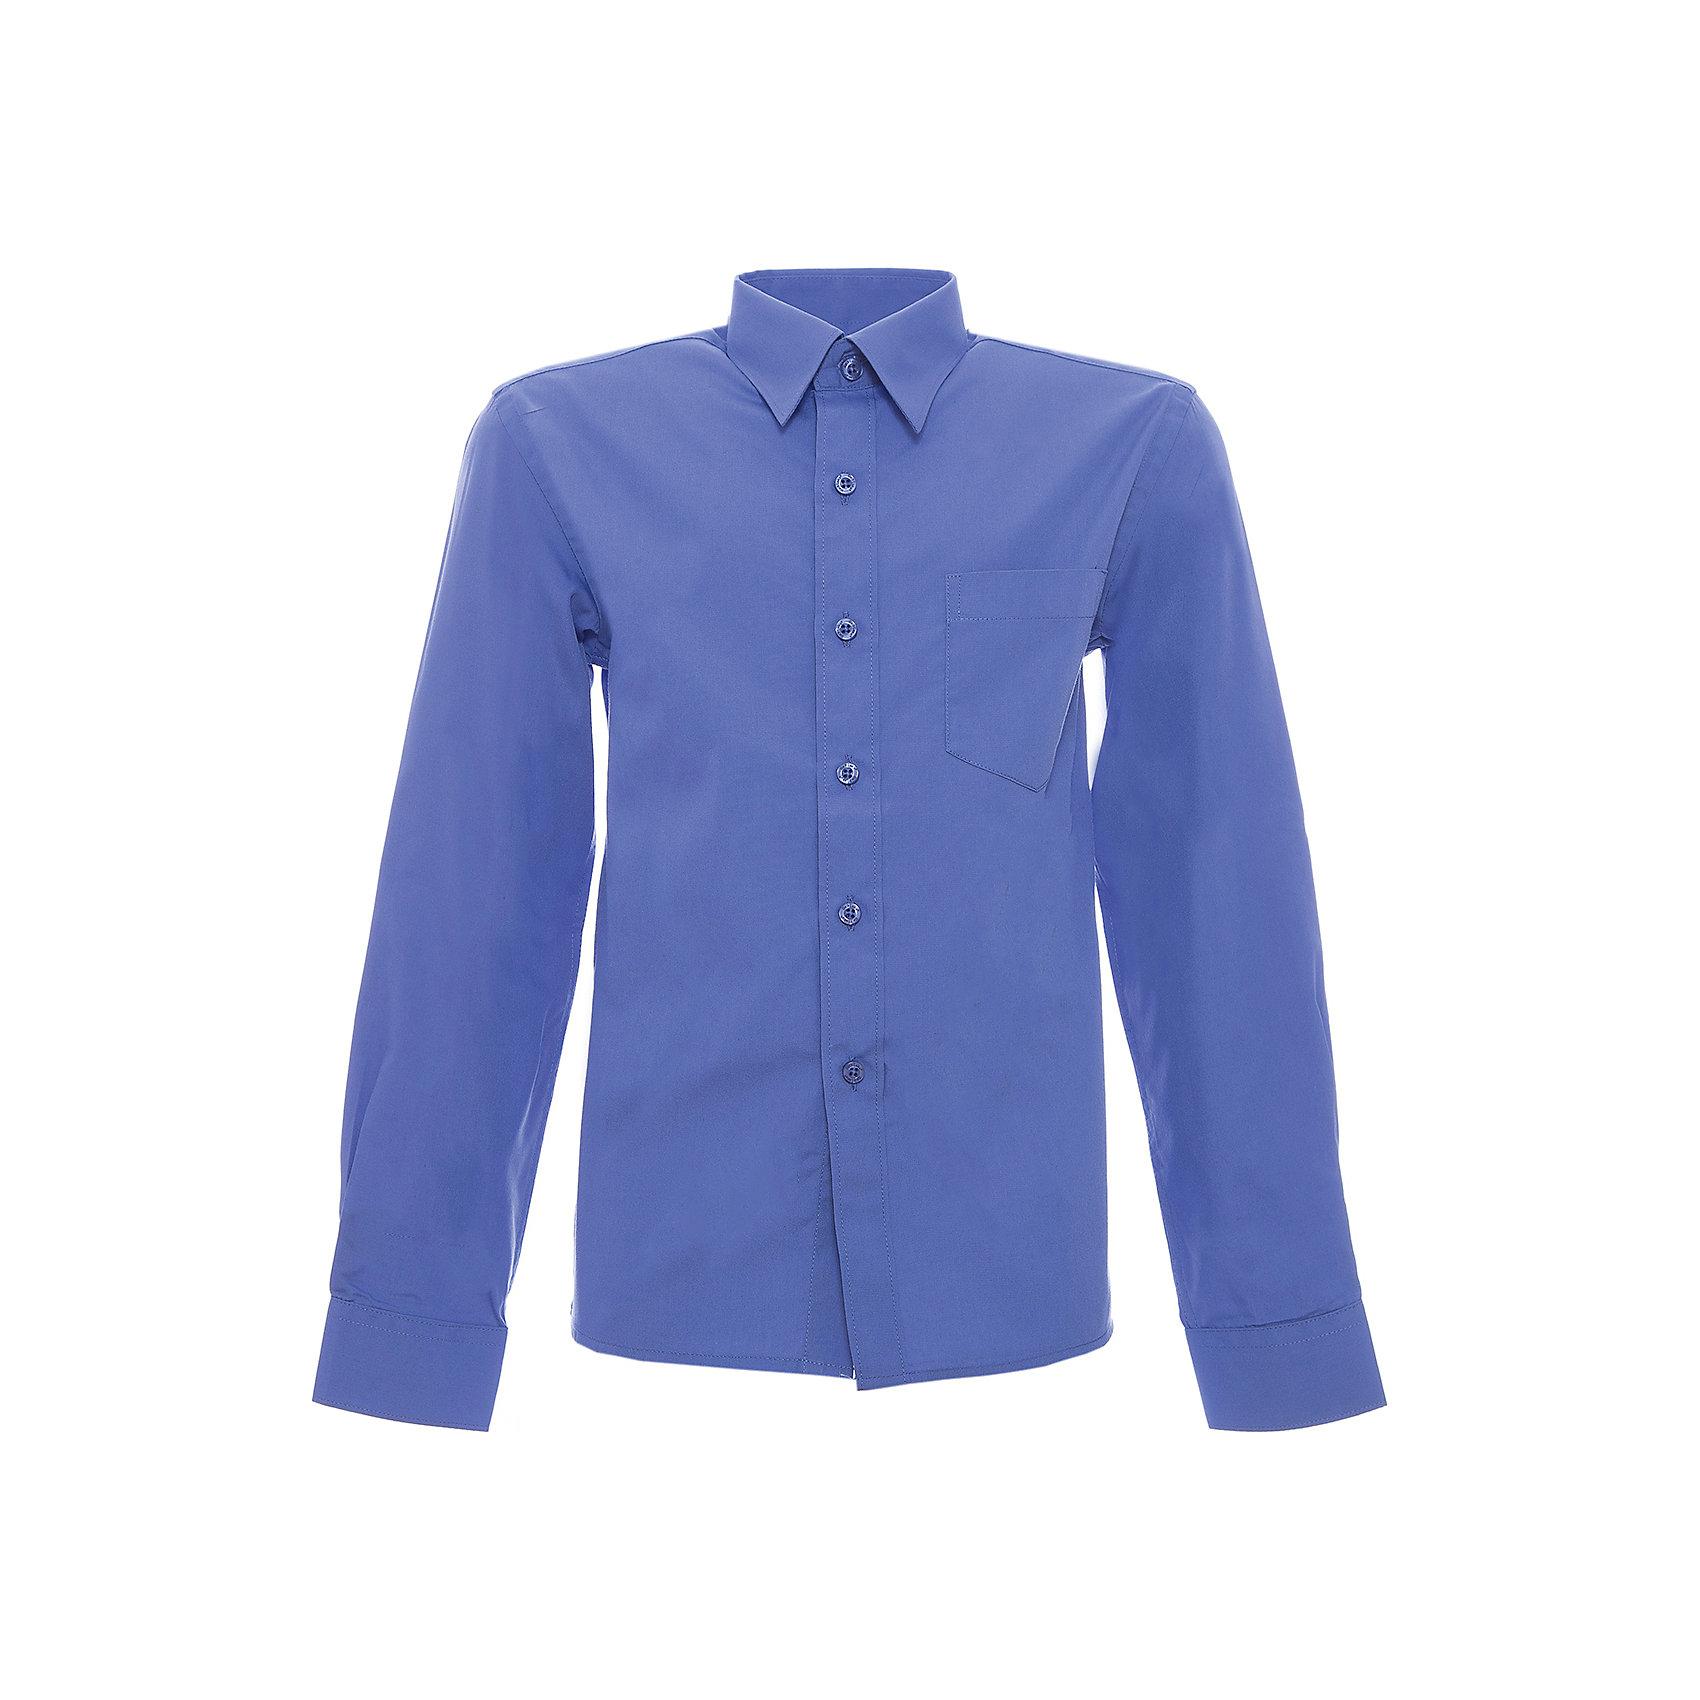 Рубашка CLASSIC для мальчика SkylakeБлузки и рубашки<br>Сорочка детская для мальчика<br>Состав:<br>80% хлопок, 20% п/э<br><br>Ширина мм: 174<br>Глубина мм: 10<br>Высота мм: 169<br>Вес г: 157<br>Цвет: синий<br>Возраст от месяцев: 144<br>Возраст до месяцев: 156<br>Пол: Мужской<br>Возраст: Детский<br>Размер: 158,122,128,134,140,146,152<br>SKU: 6772817